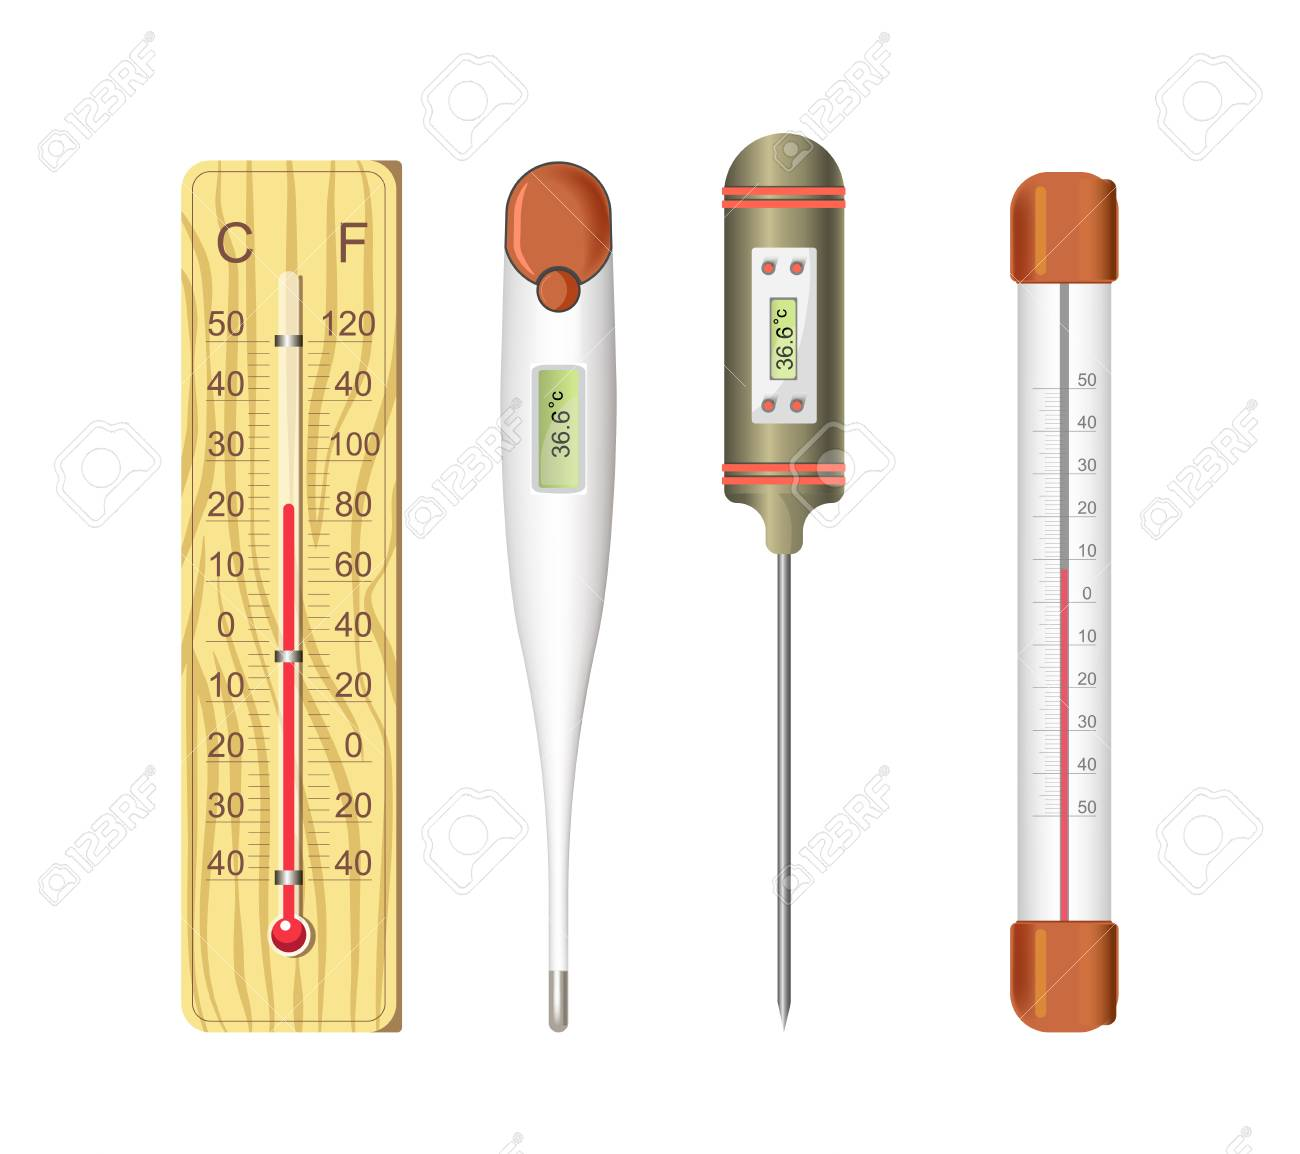 como medir un cuerpo humano